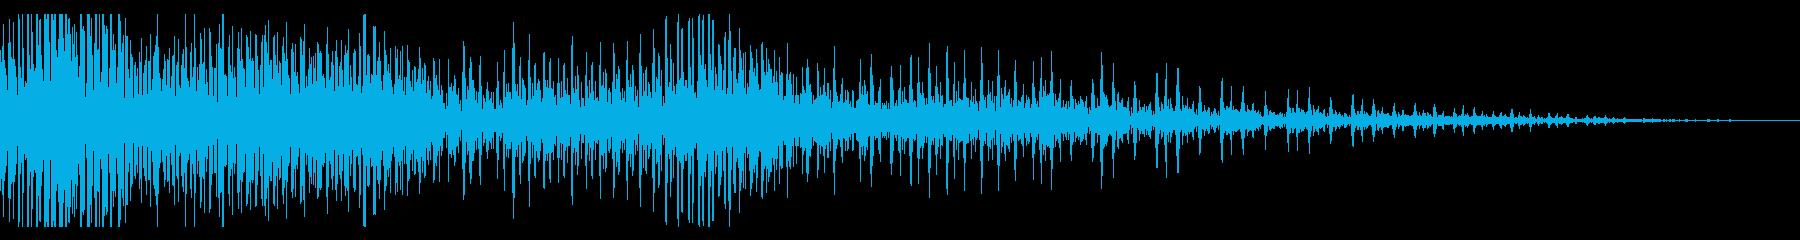 ハーレー系の大型バイク/エンジン効果音3の再生済みの波形